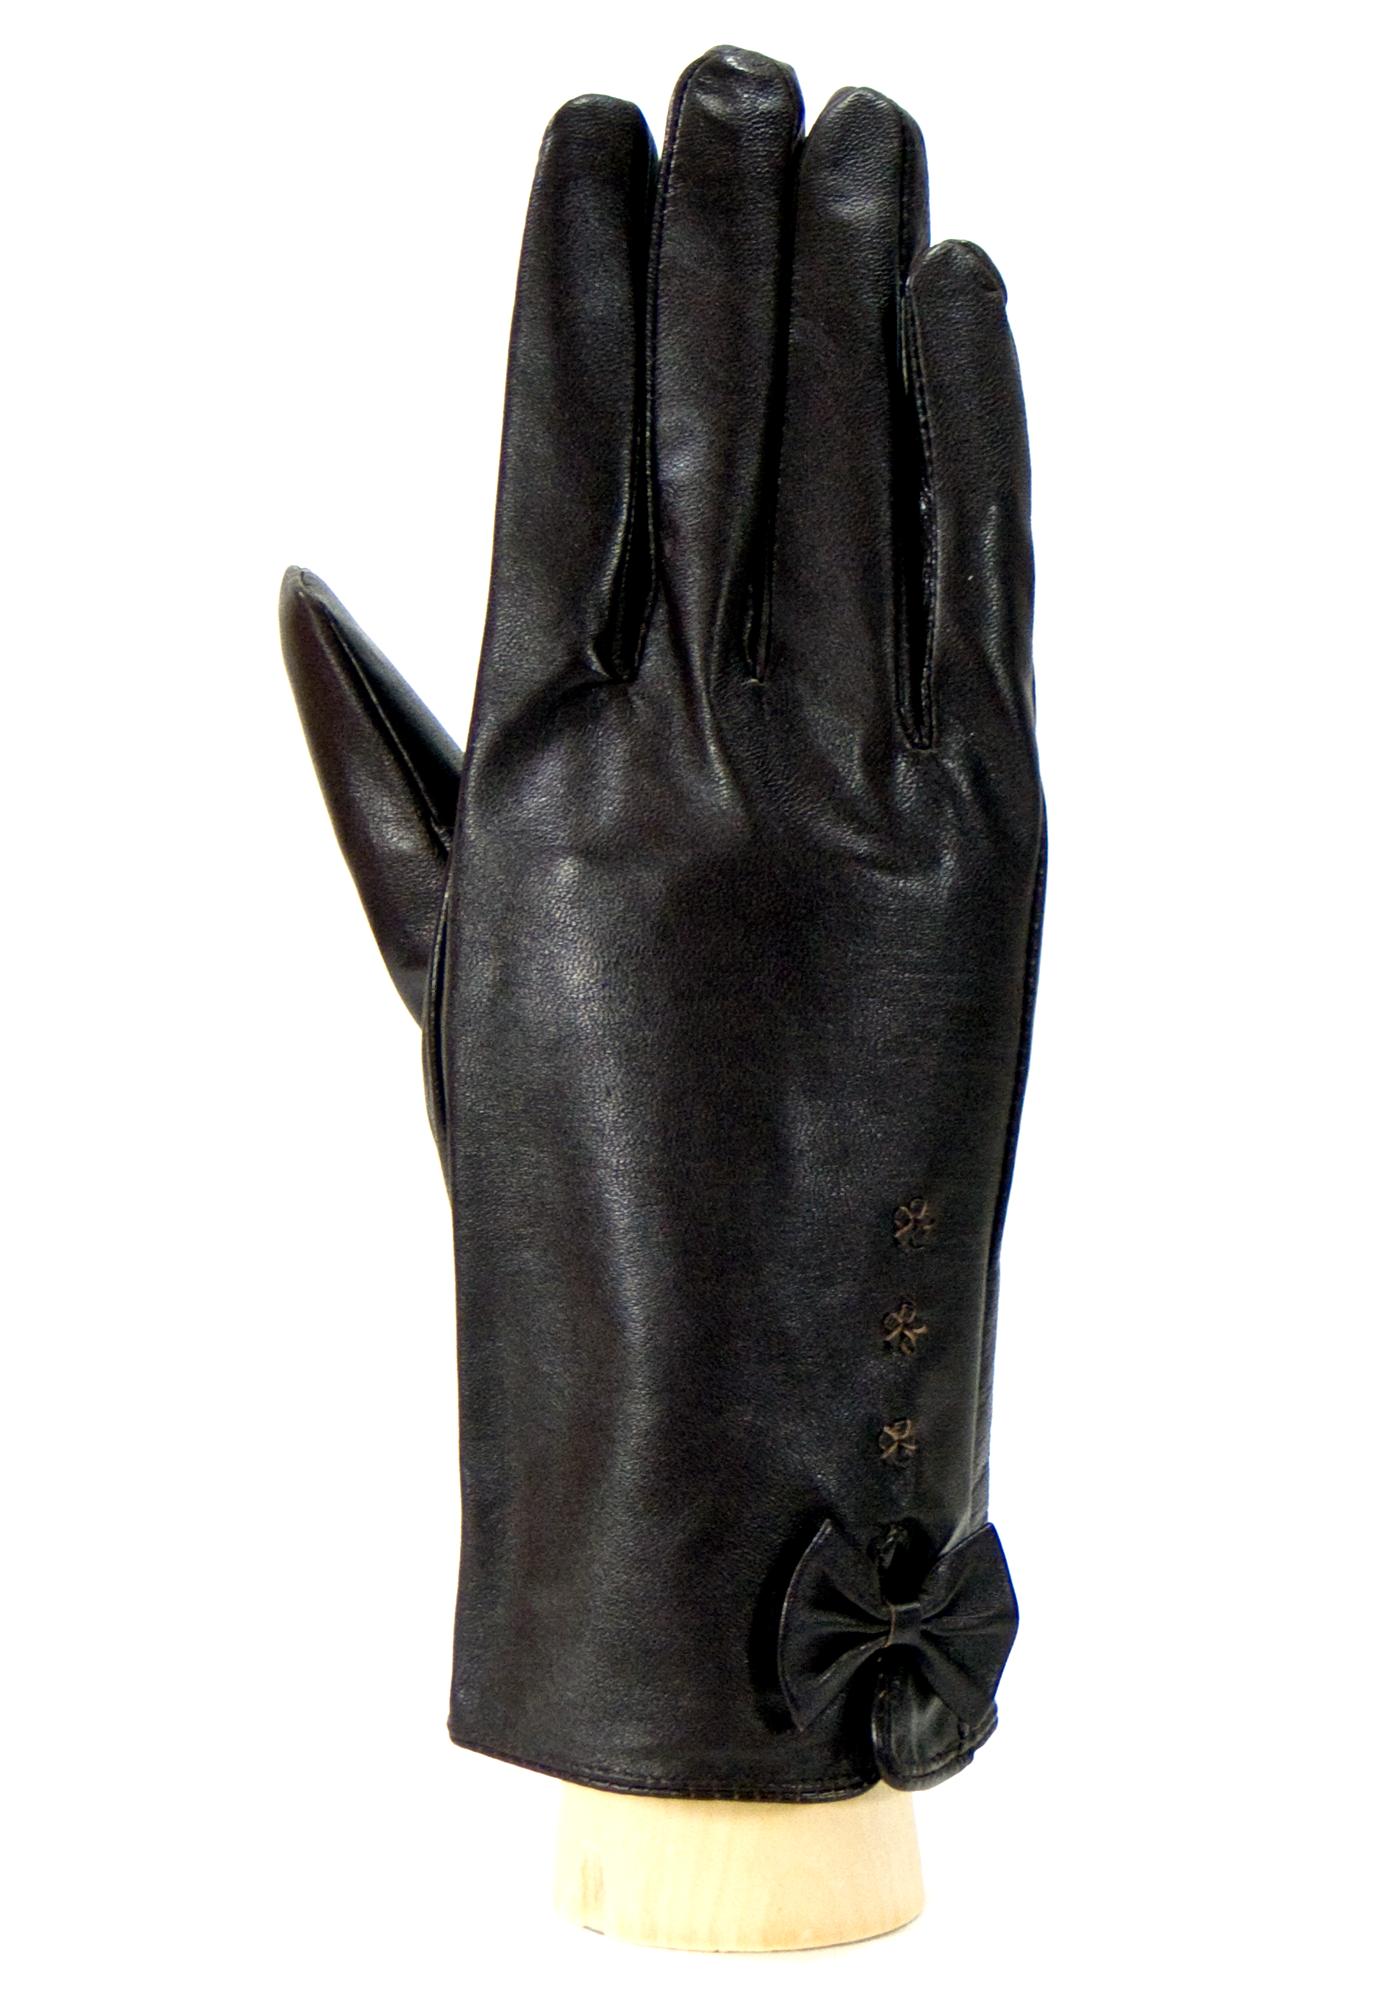 4f52ceabbc7 Gants cuir femme noir petit noeud taille 8 - Accessoires Mode Gants cuir -  Mes Echarpes